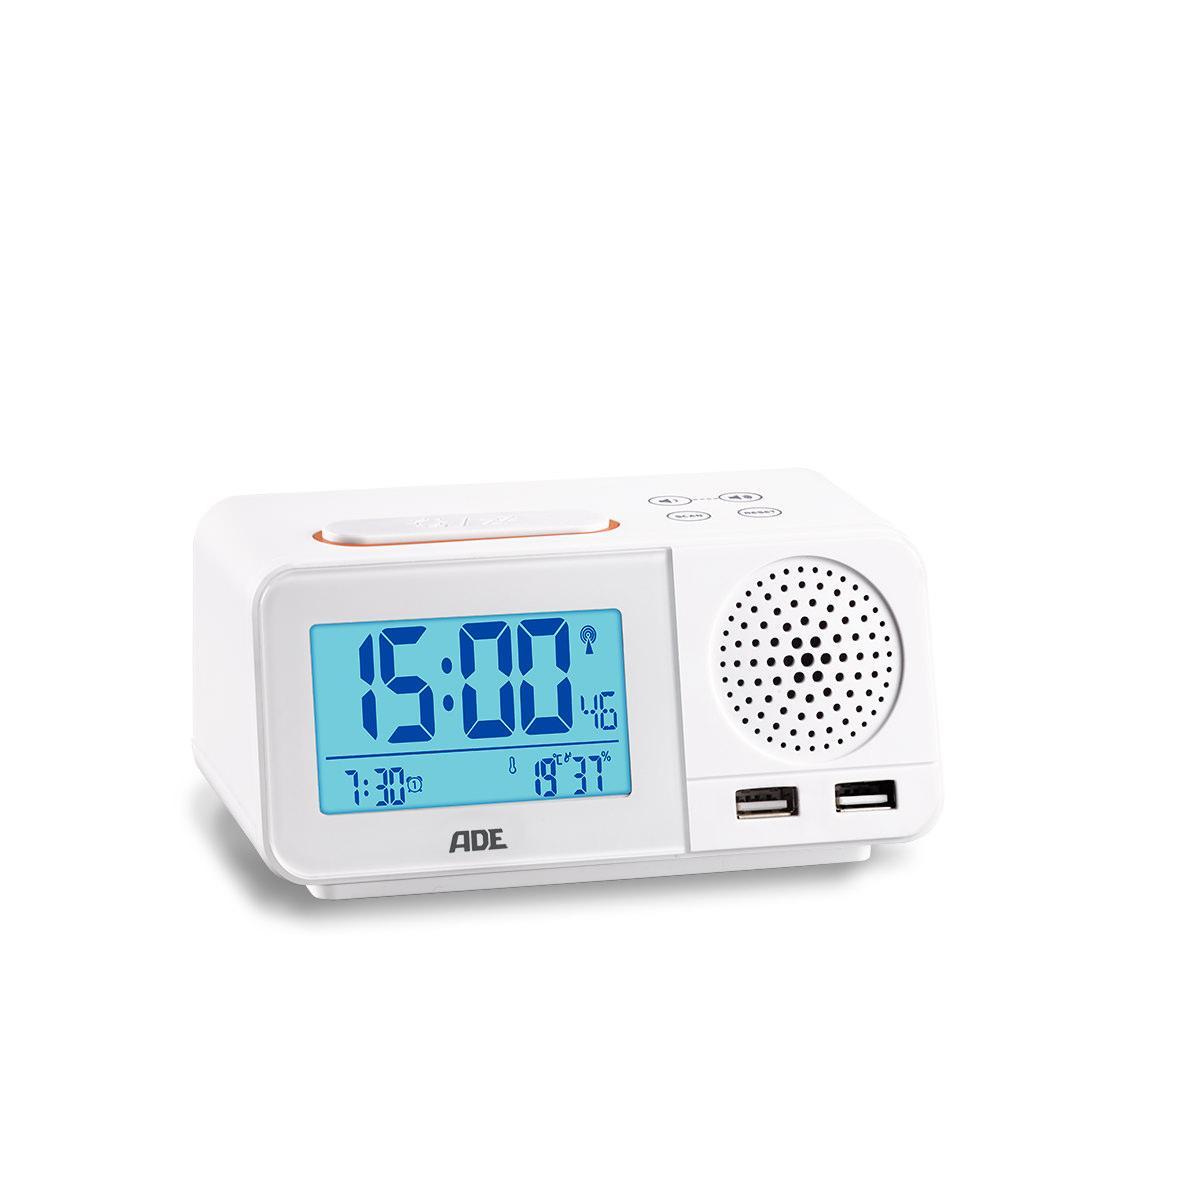 ade ck1708 digitaler radiowecker mit funkuhr 2 weckzeiten. Black Bedroom Furniture Sets. Home Design Ideas